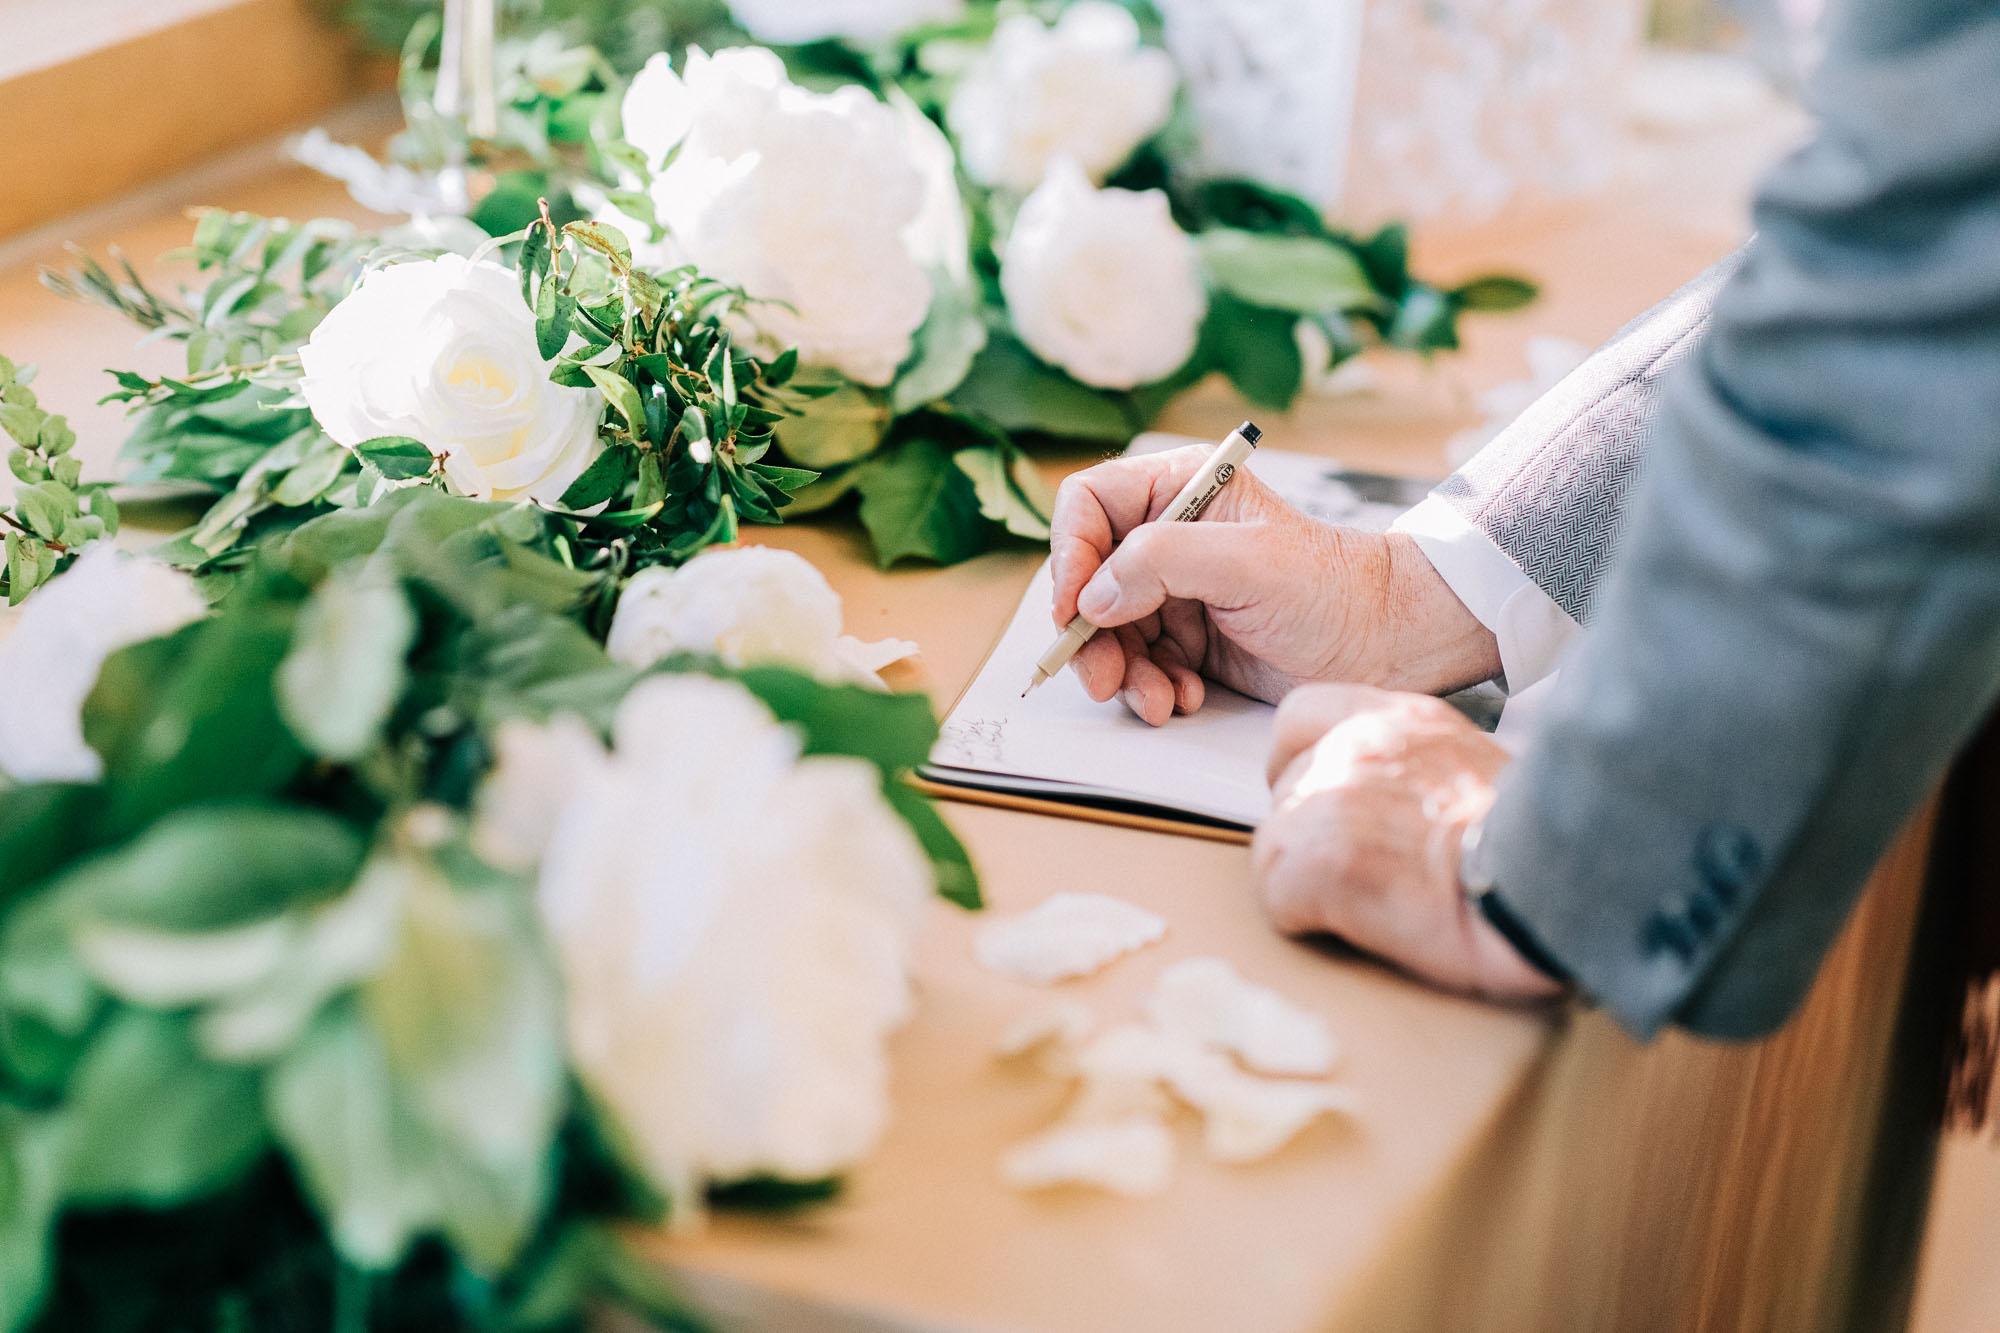 whitewoods-october-wedding-sk-4052.jpg